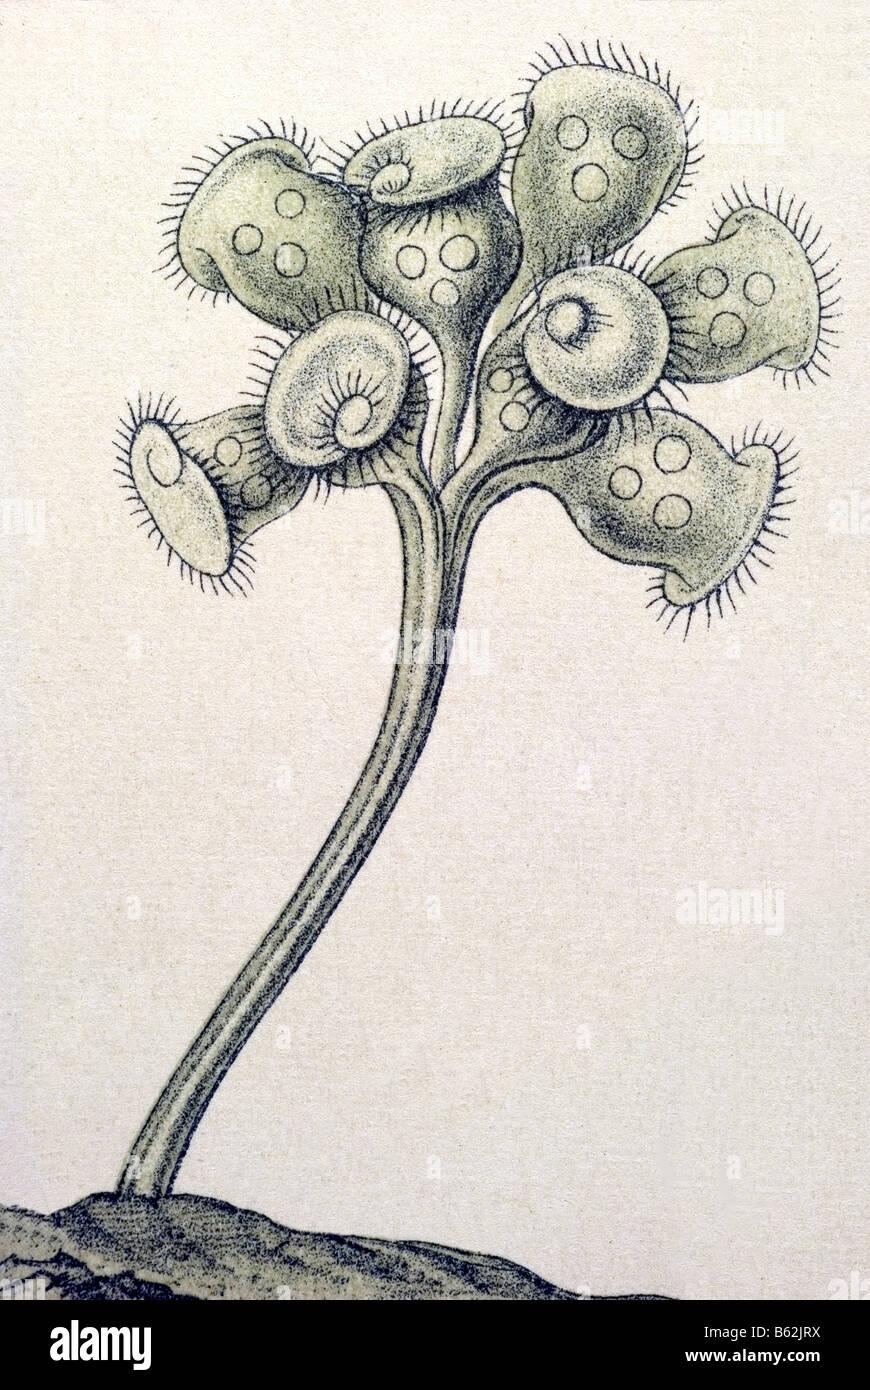 / Wimperlinge ciliata, nombre Stentor, Haeckel, Kunstformen der Natur, art nouveau, del siglo XX, Europa Foto de stock